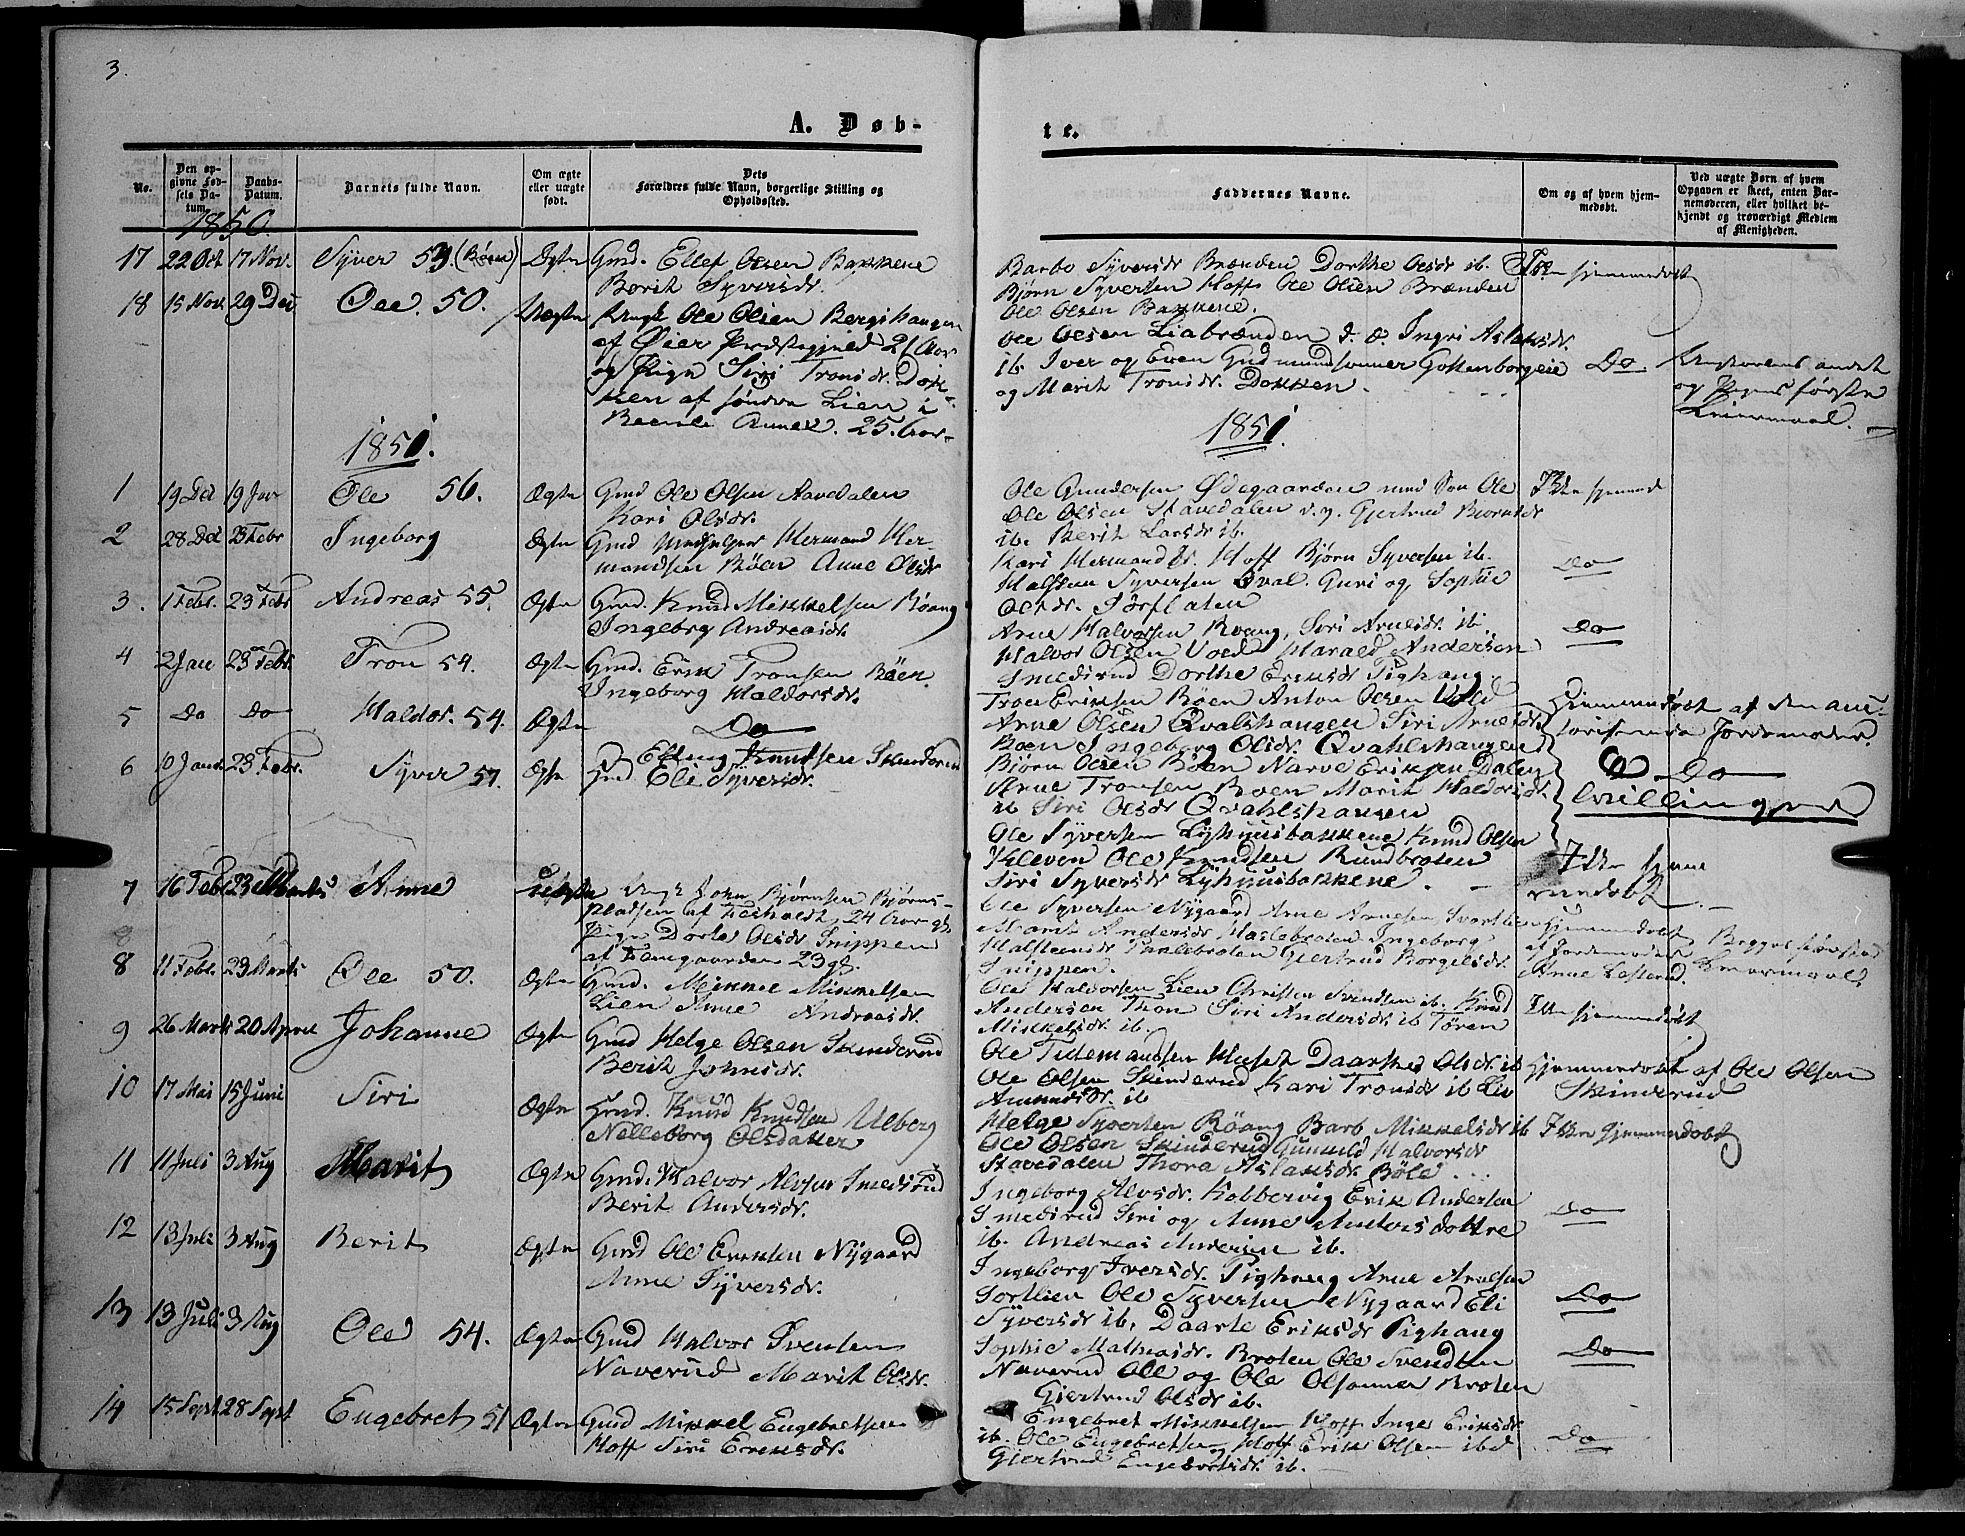 SAH, Sør-Aurdal prestekontor, Ministerialbok nr. 6, 1849-1876, s. 3